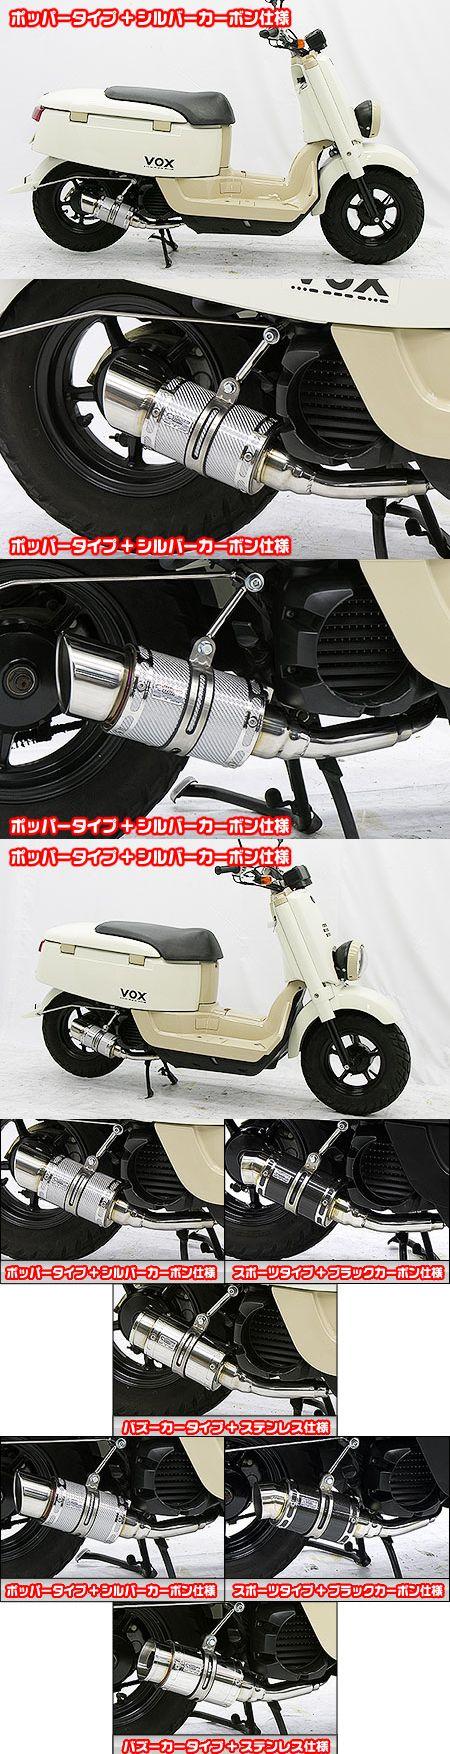 【WirusWin】Tiger auto聯名款 Fat Bomber全段排氣管 Spotrs型 銀色碳纖維款式 - 「Webike-摩托百貨」